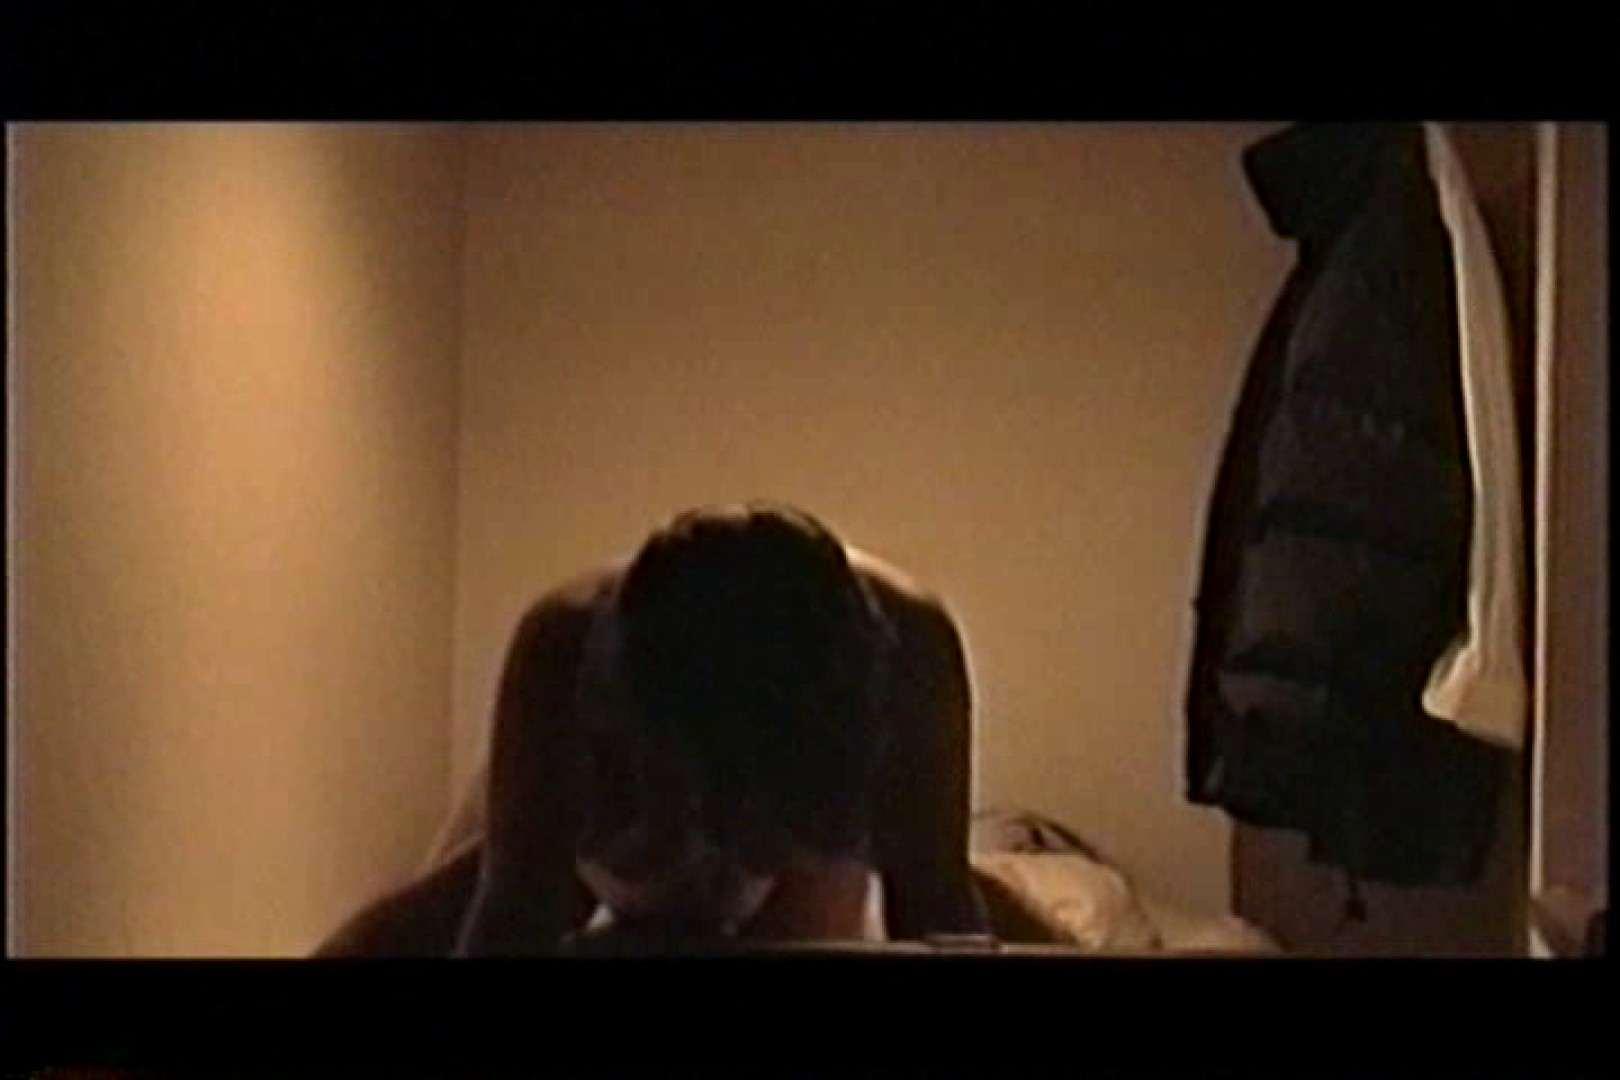 デリ嬢マル秘撮り本物投稿版② ギャル達のオマンコ | ギャルの乳首  55画像 13